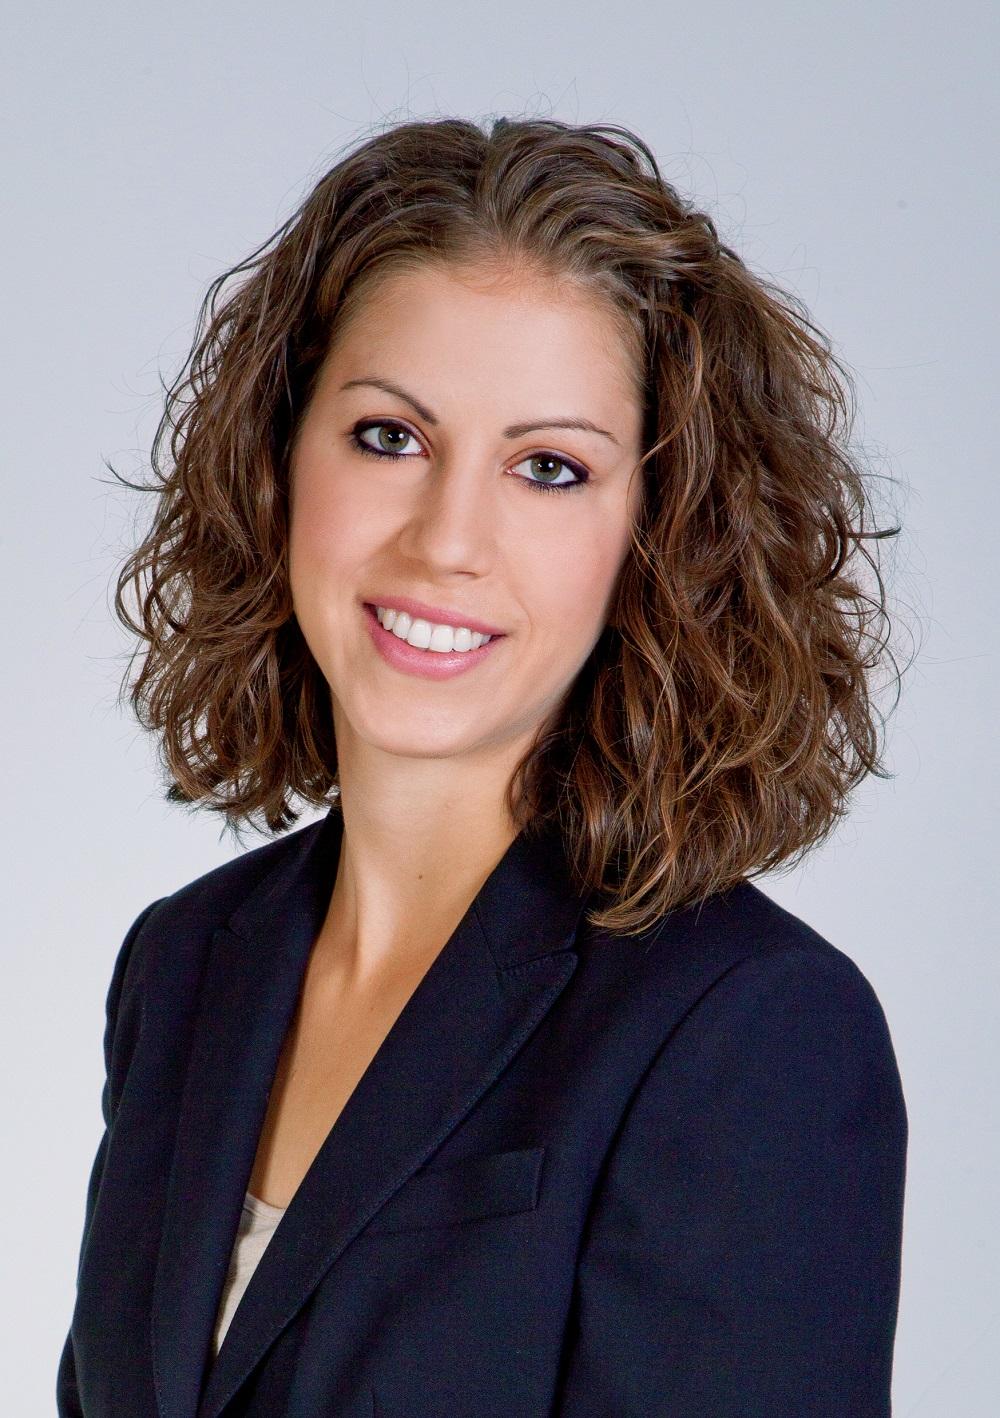 Sarah Kuebler